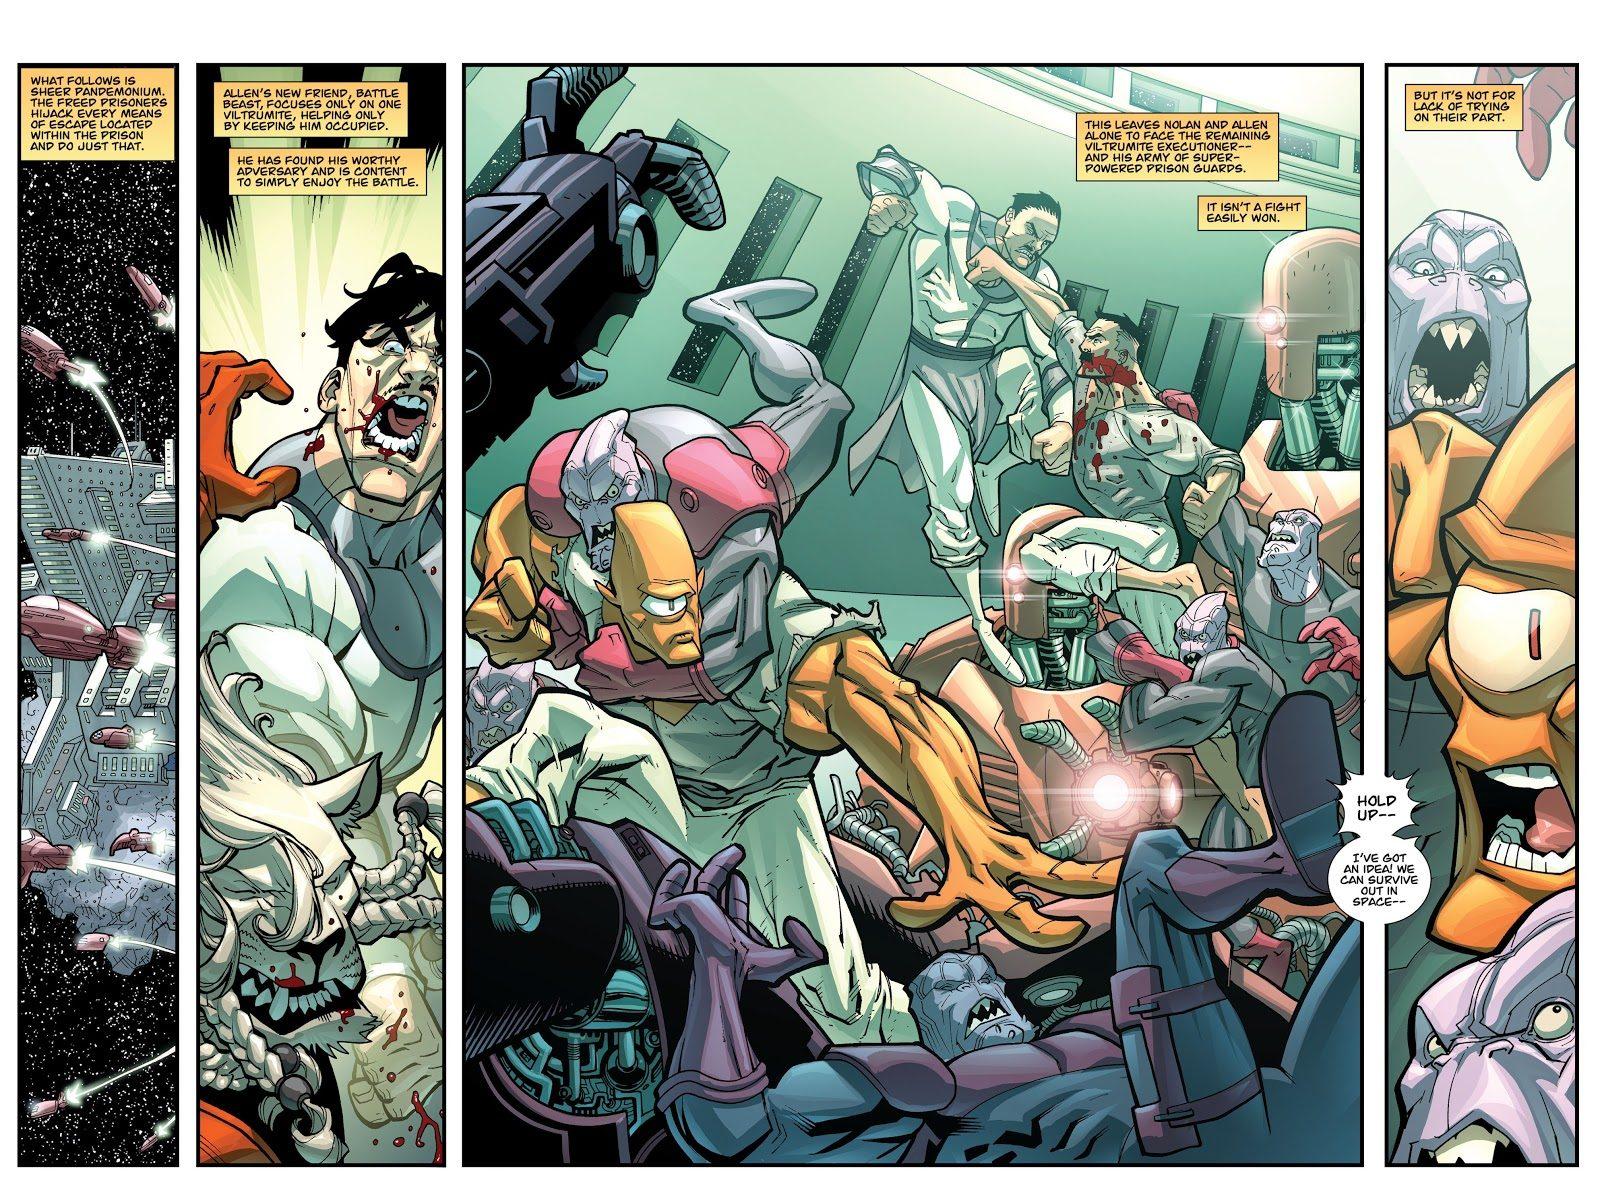 Omni-Man And Allen The Alien Kills A Viltrumite